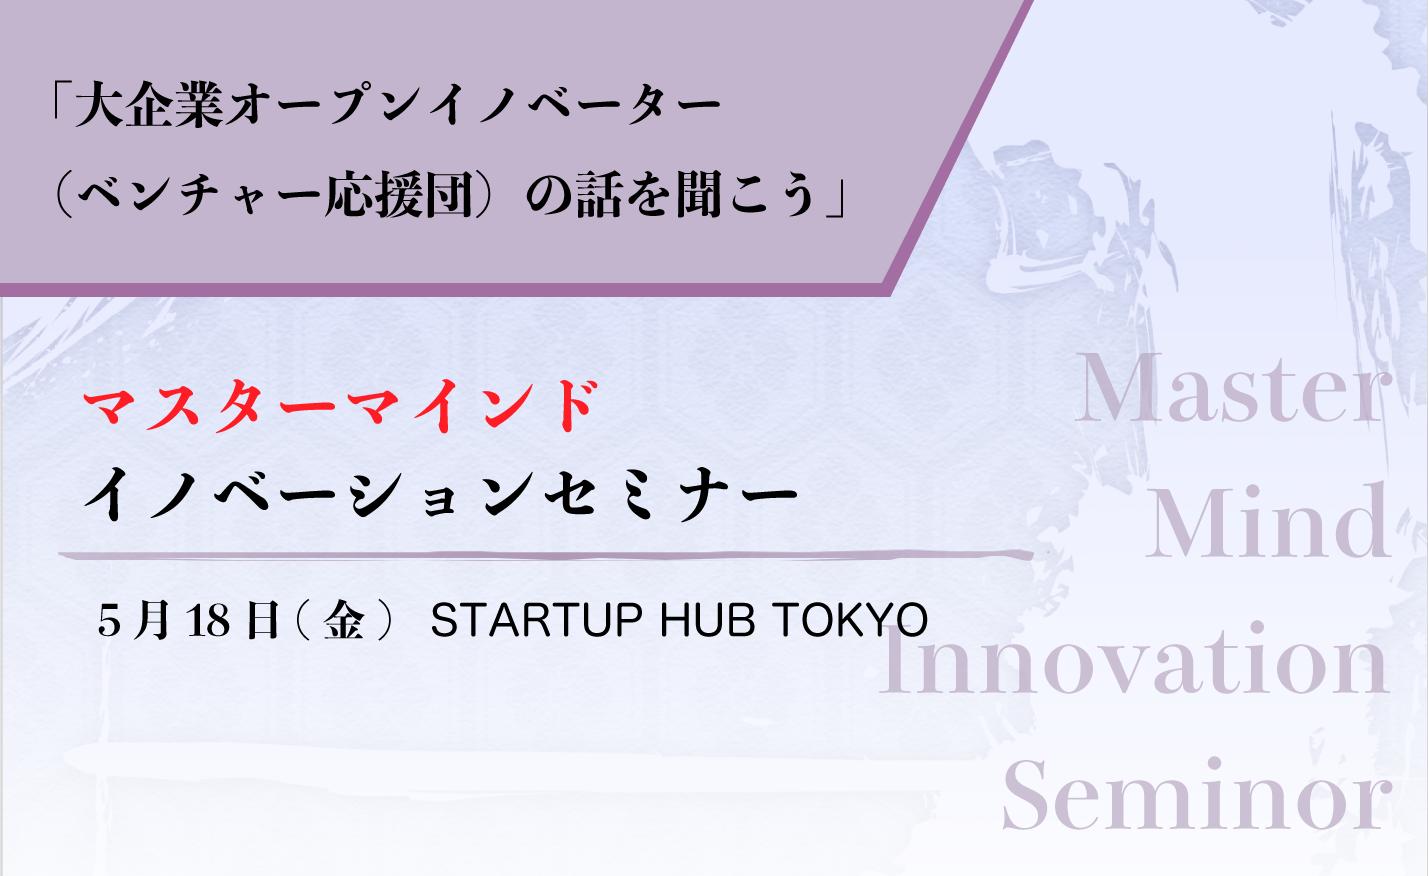 2018/05/18(金) 17:30〜21:30マスターマインドイノベーションセミナー 「大企業オープンイノベーター (ベンチャー応援団)の話を聞こう」